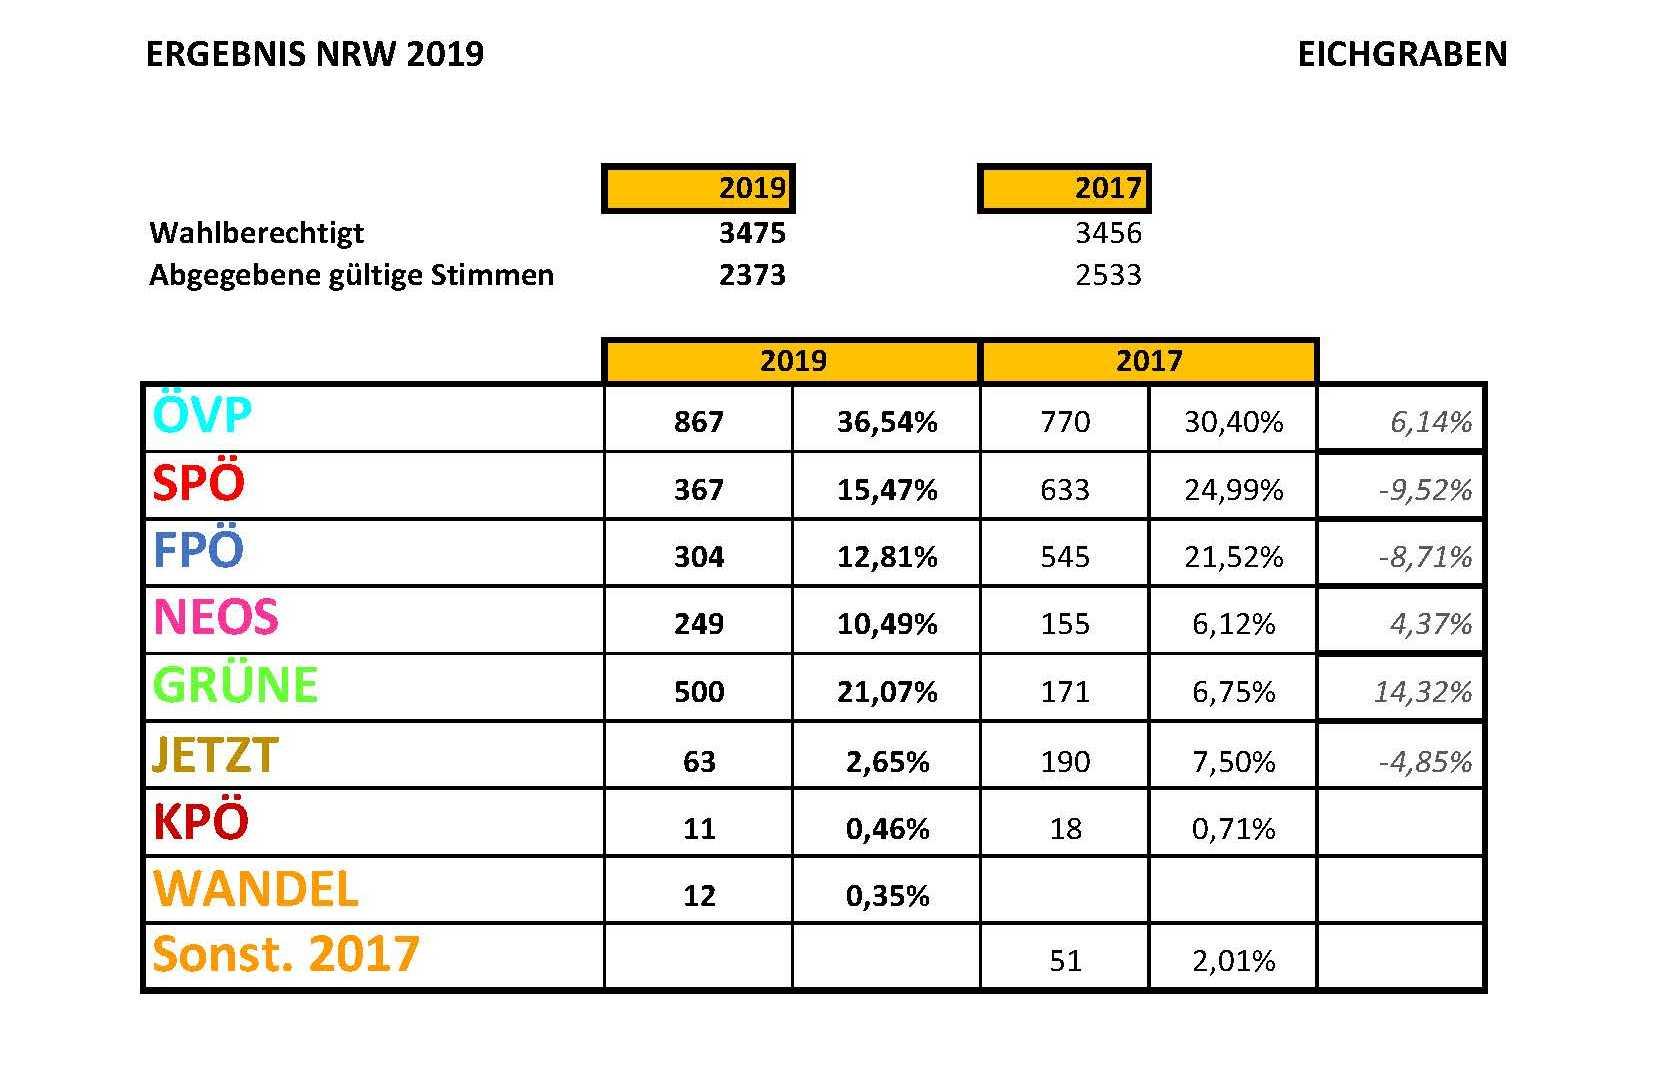 Ergebniss NRW 2019 Gesamt